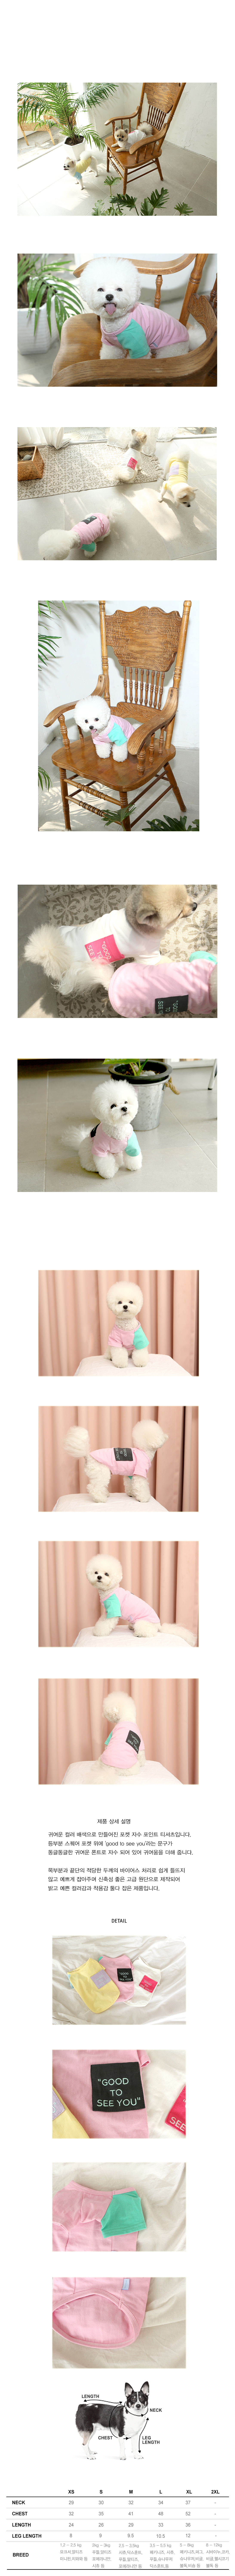 강아지 자수 배색 주머니 니들포인트 티셔츠 c3 - 피타, 32,000원, 의류/액세서리, 의류